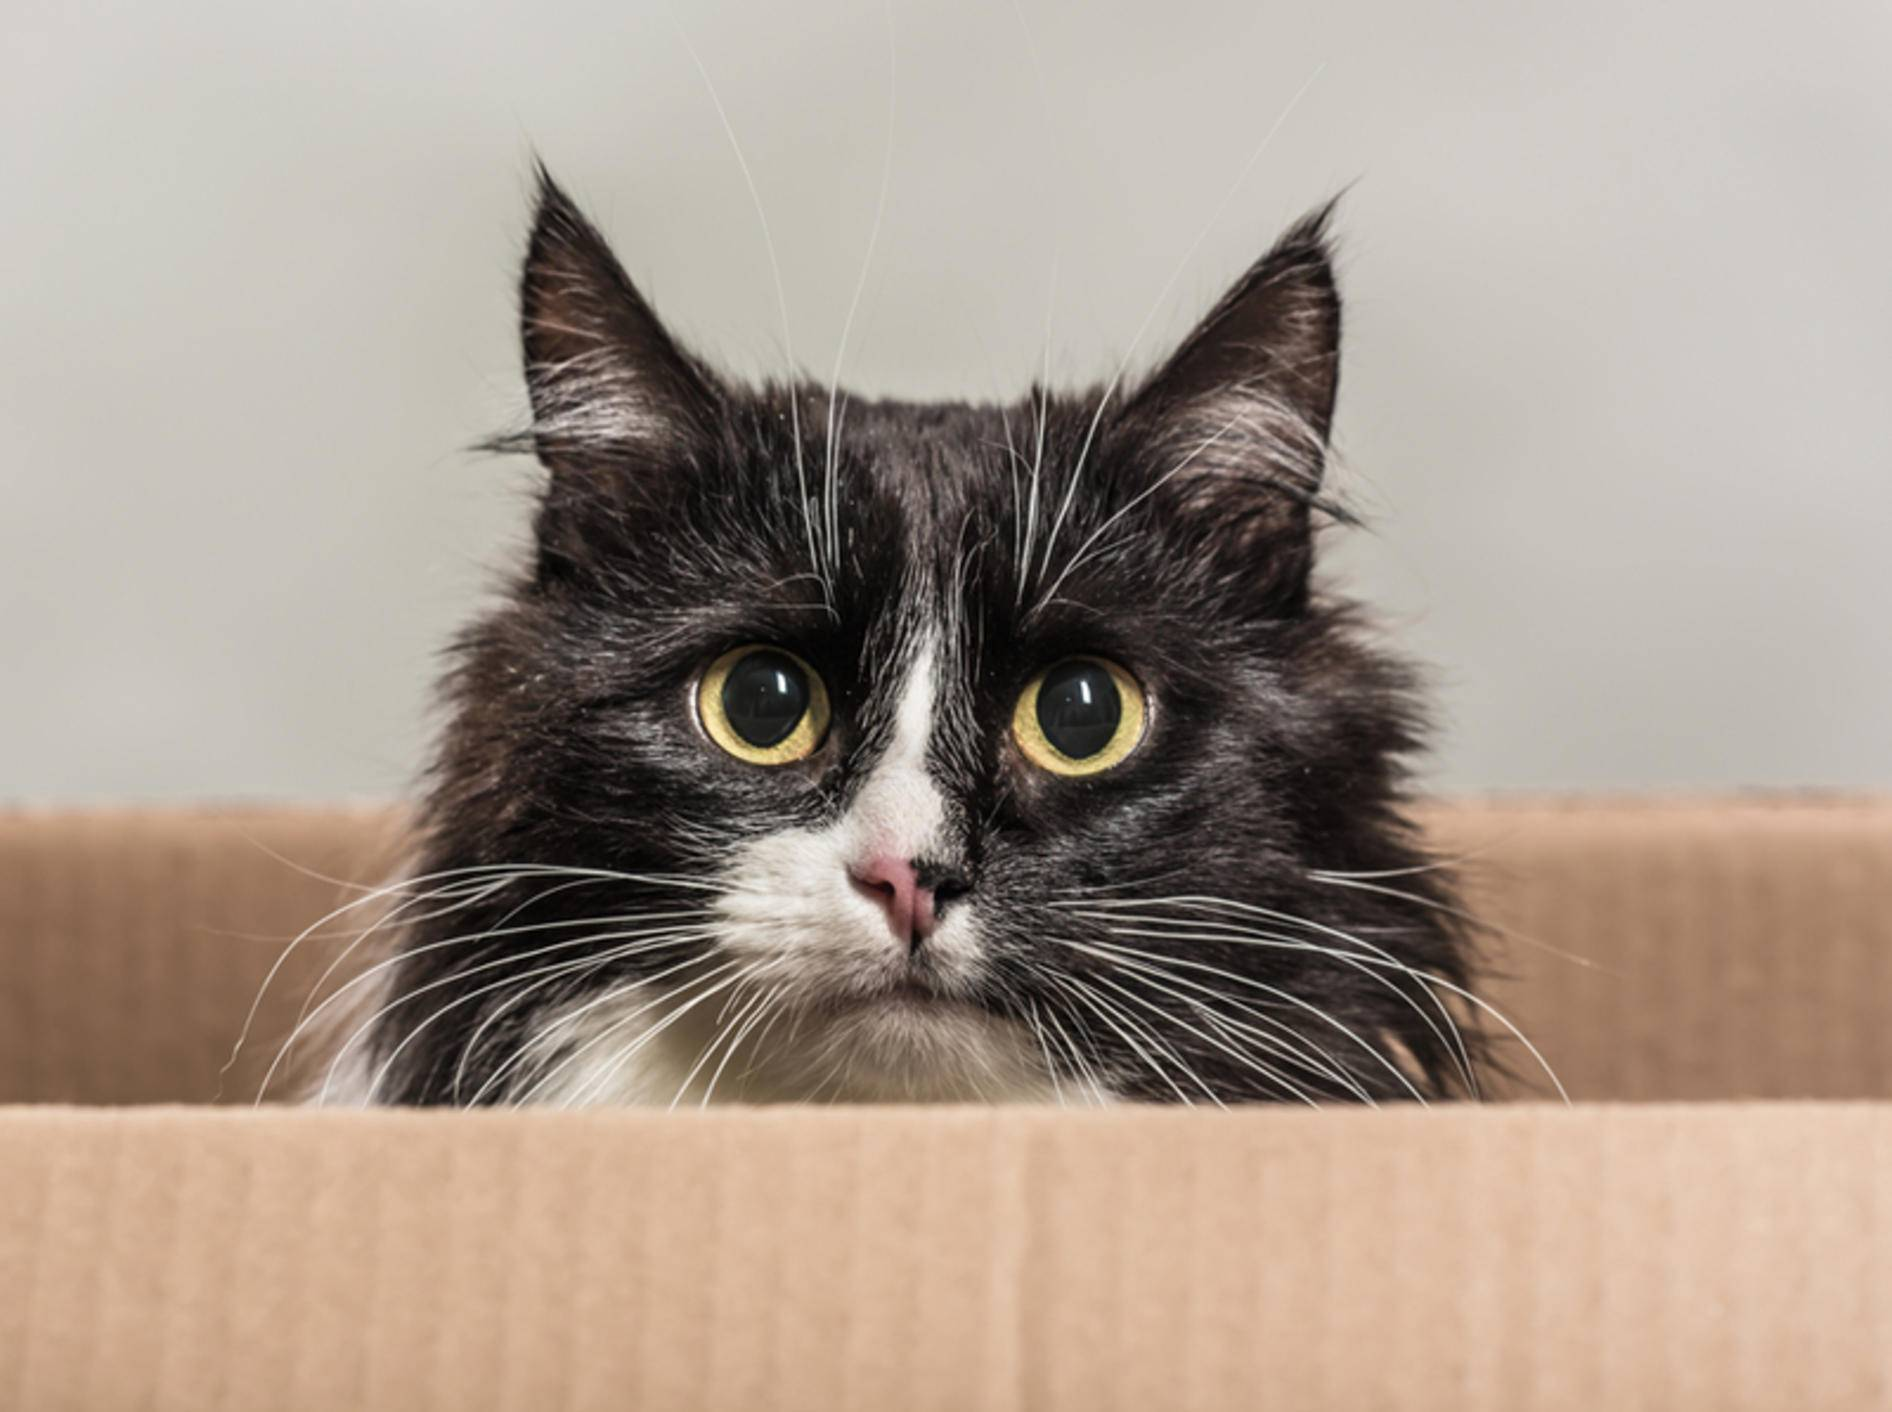 Katze kratzt nachts an Tür: Was tun?